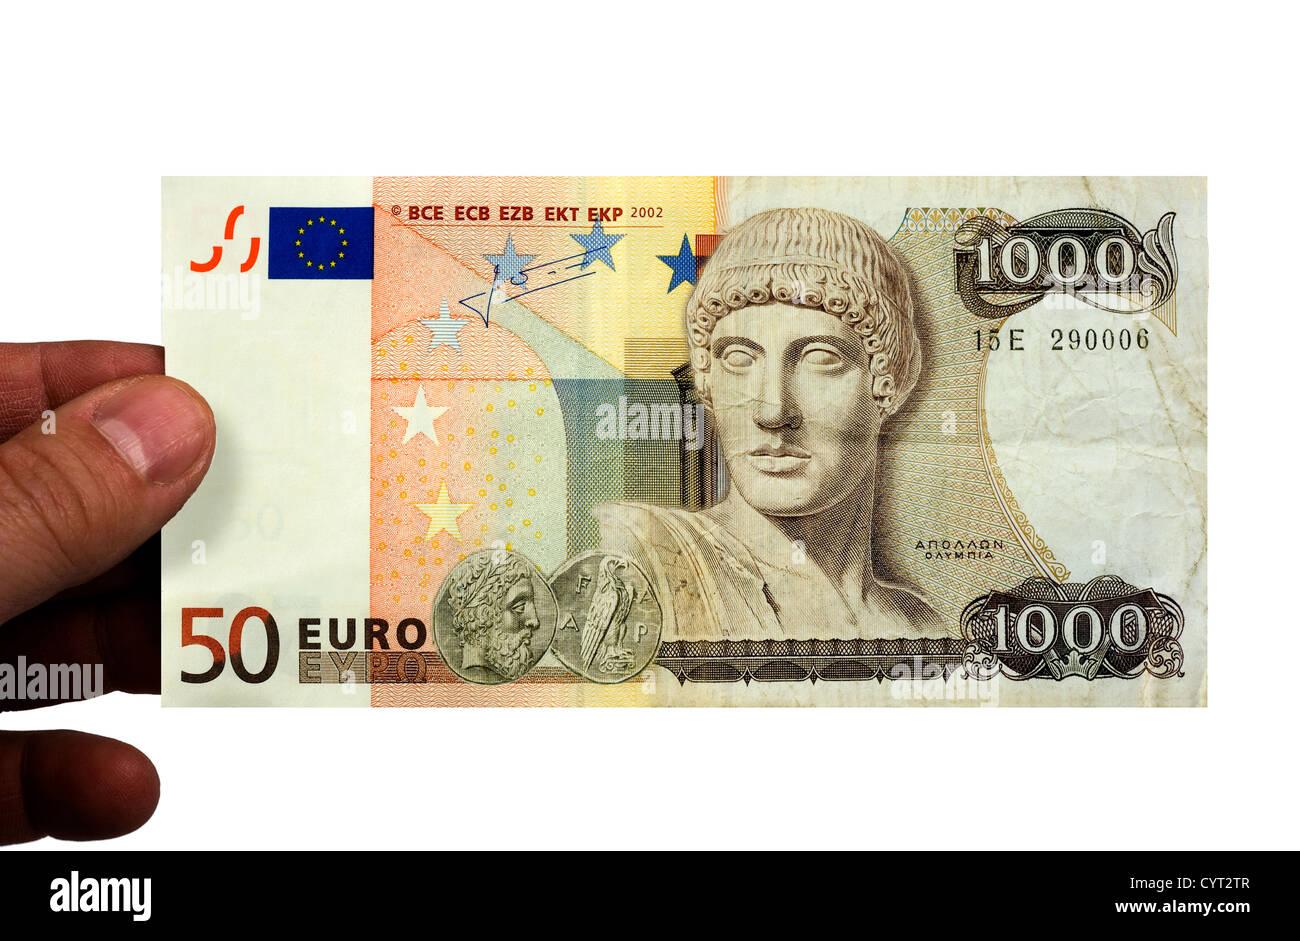 Ein 50 Euro-Schein und eine 1000 Drachmen Rechnung kombiniert. Stockfoto